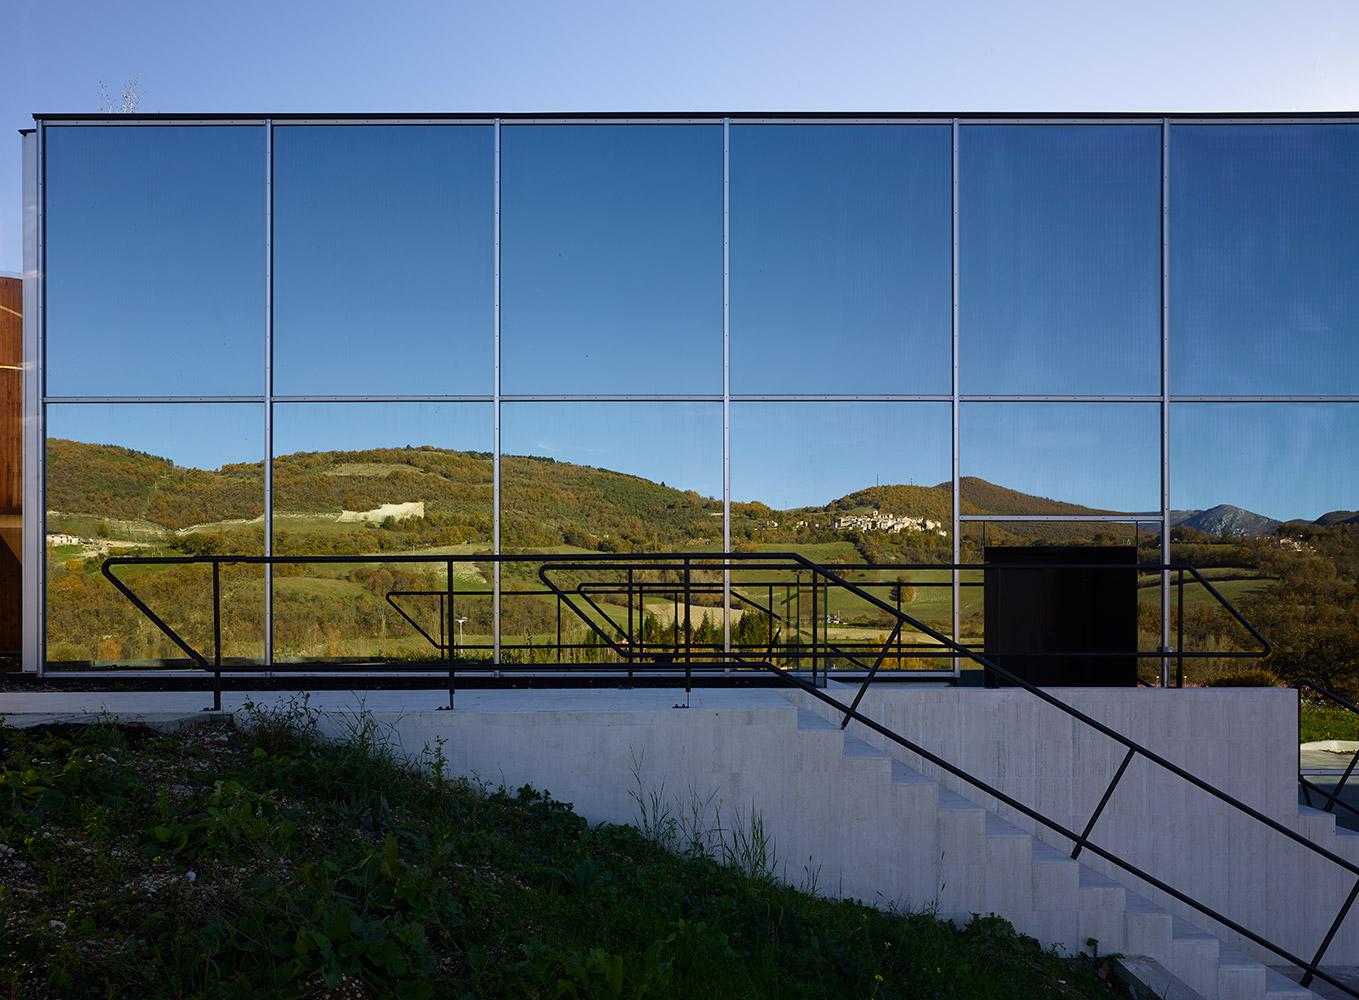 """dettaglio del fronte nord dello stabilimento produttivo, rivestito con vetro specchiante per riflettere la vegetazione ed il paesaggio circostante, al fine di mimetizzare """"l'artificio"""" dell'opificio con la"""